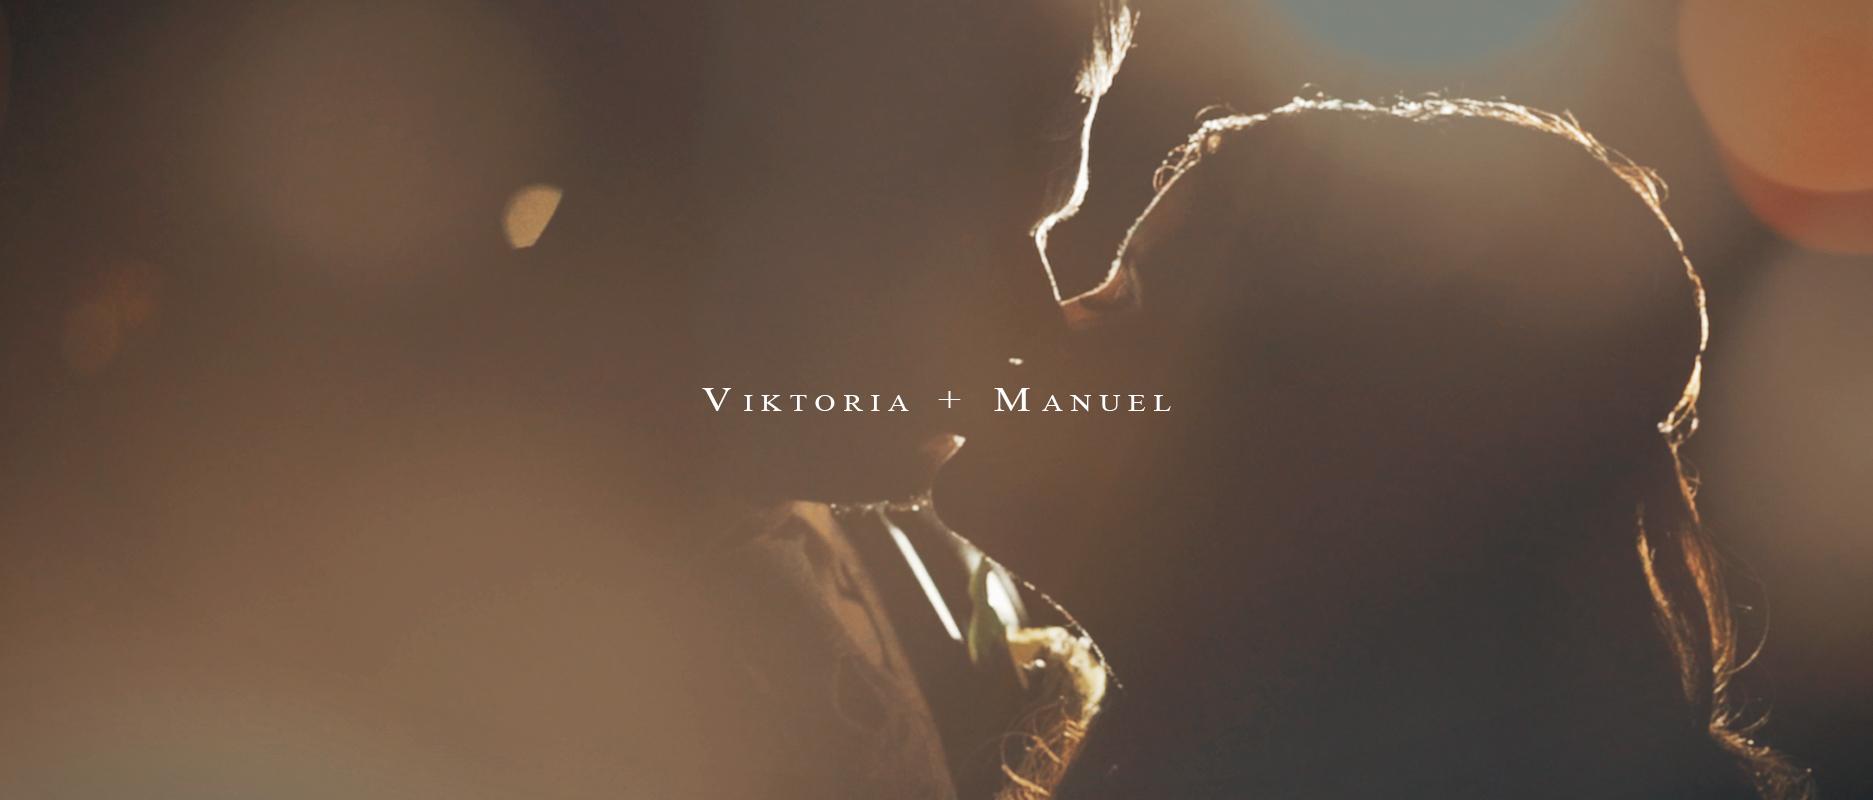 Viktoria + Manuel | Lower Austria, Austria | Grandhotel Niederoesterreichischer Hof